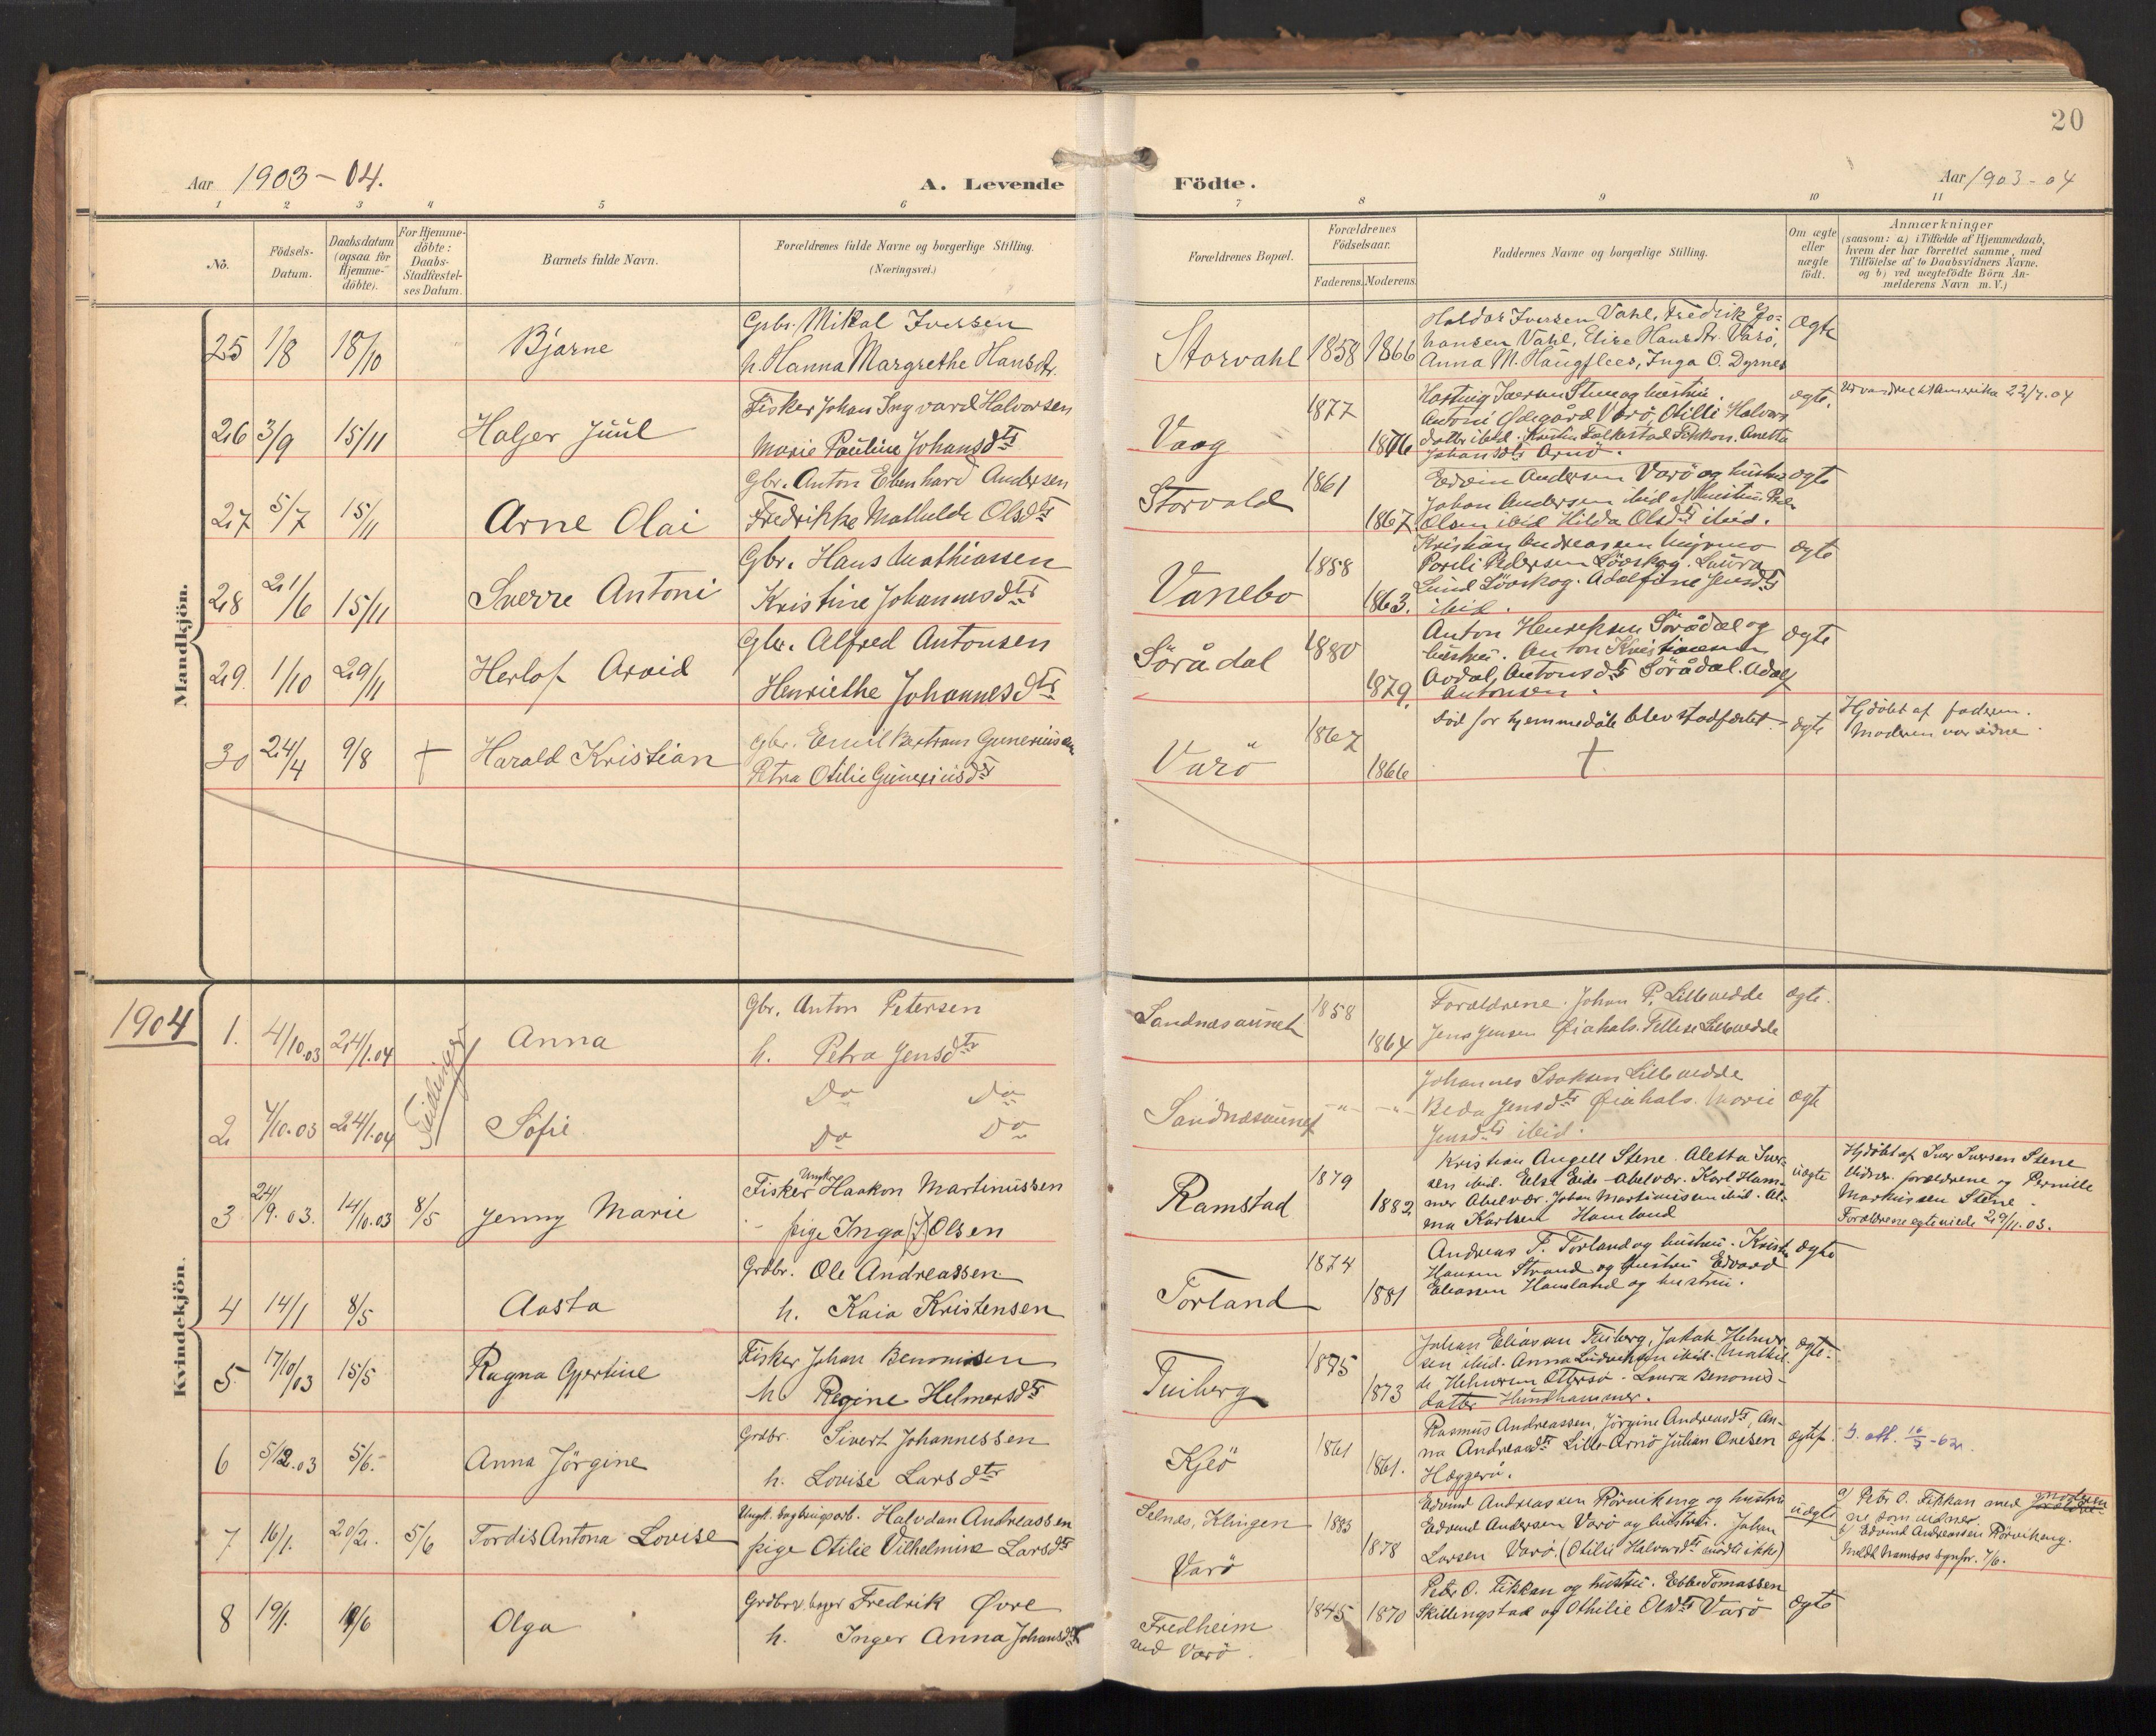 SAT, Ministerialprotokoller, klokkerbøker og fødselsregistre - Nord-Trøndelag, 784/L0677: Ministerialbok nr. 784A12, 1900-1920, s. 20